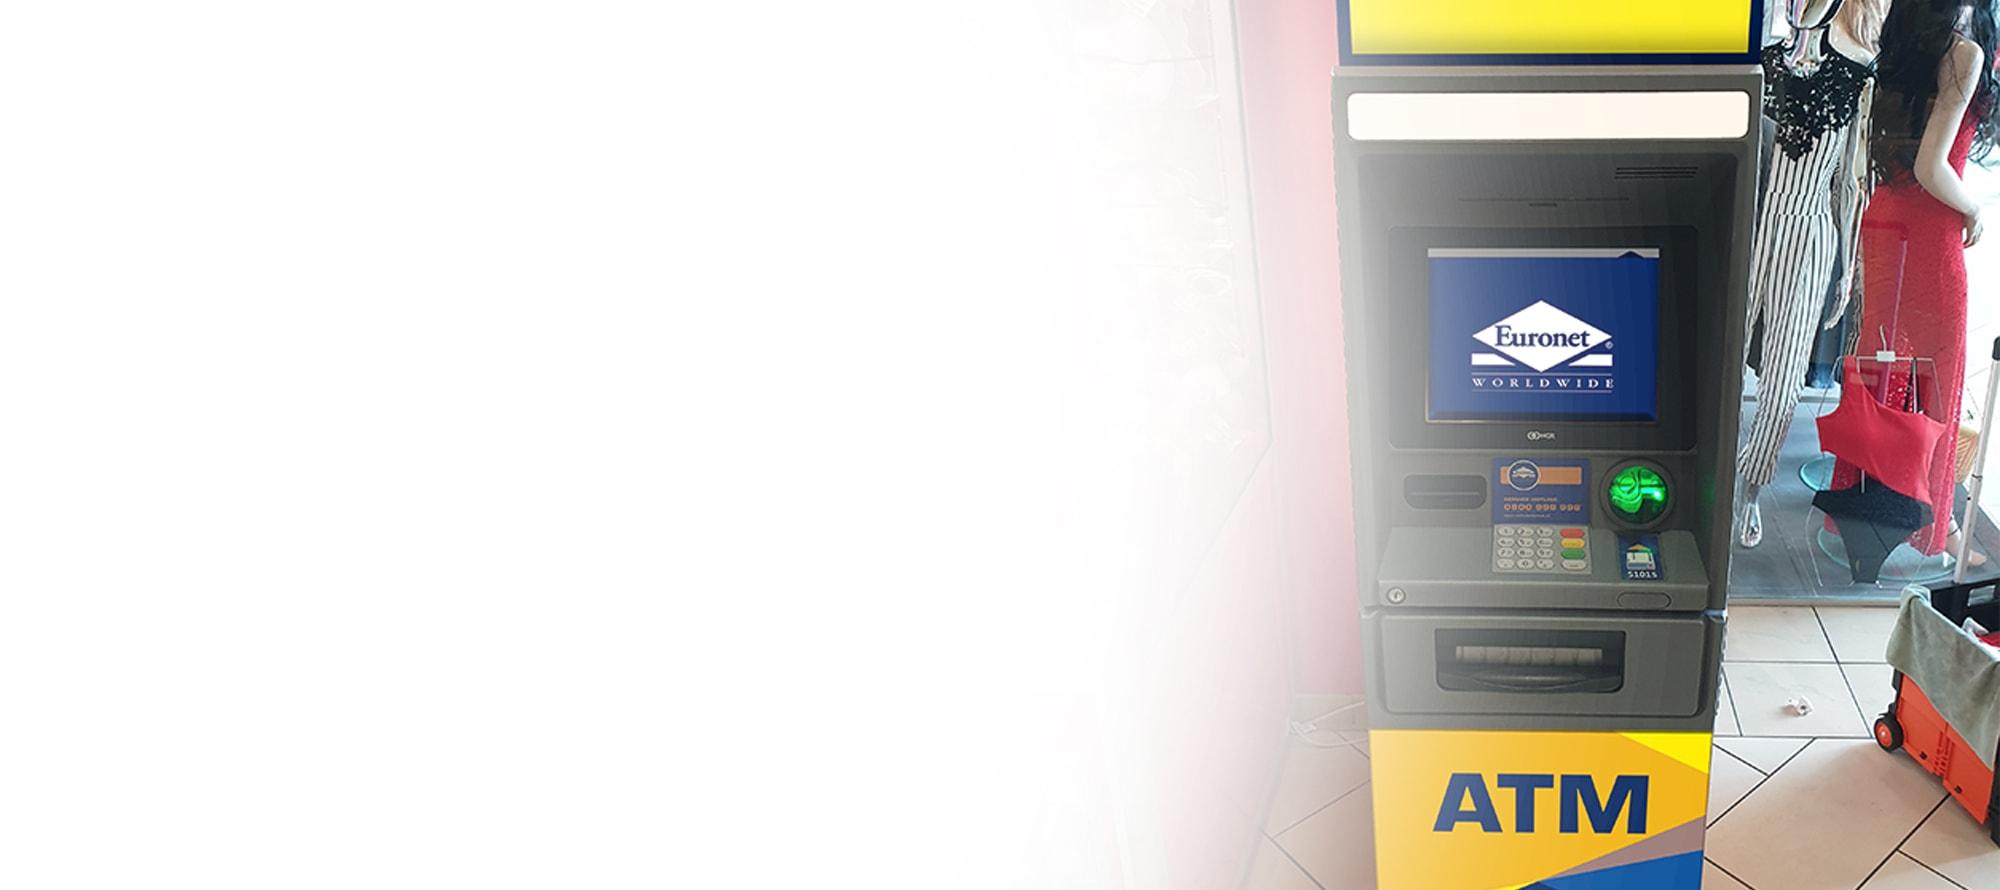 Ein Geldautomat von Euronet kann ein geschäftlicher Vorteil sein und bietet Ihren Kunden bequemen Zugriff auf Bargeld.